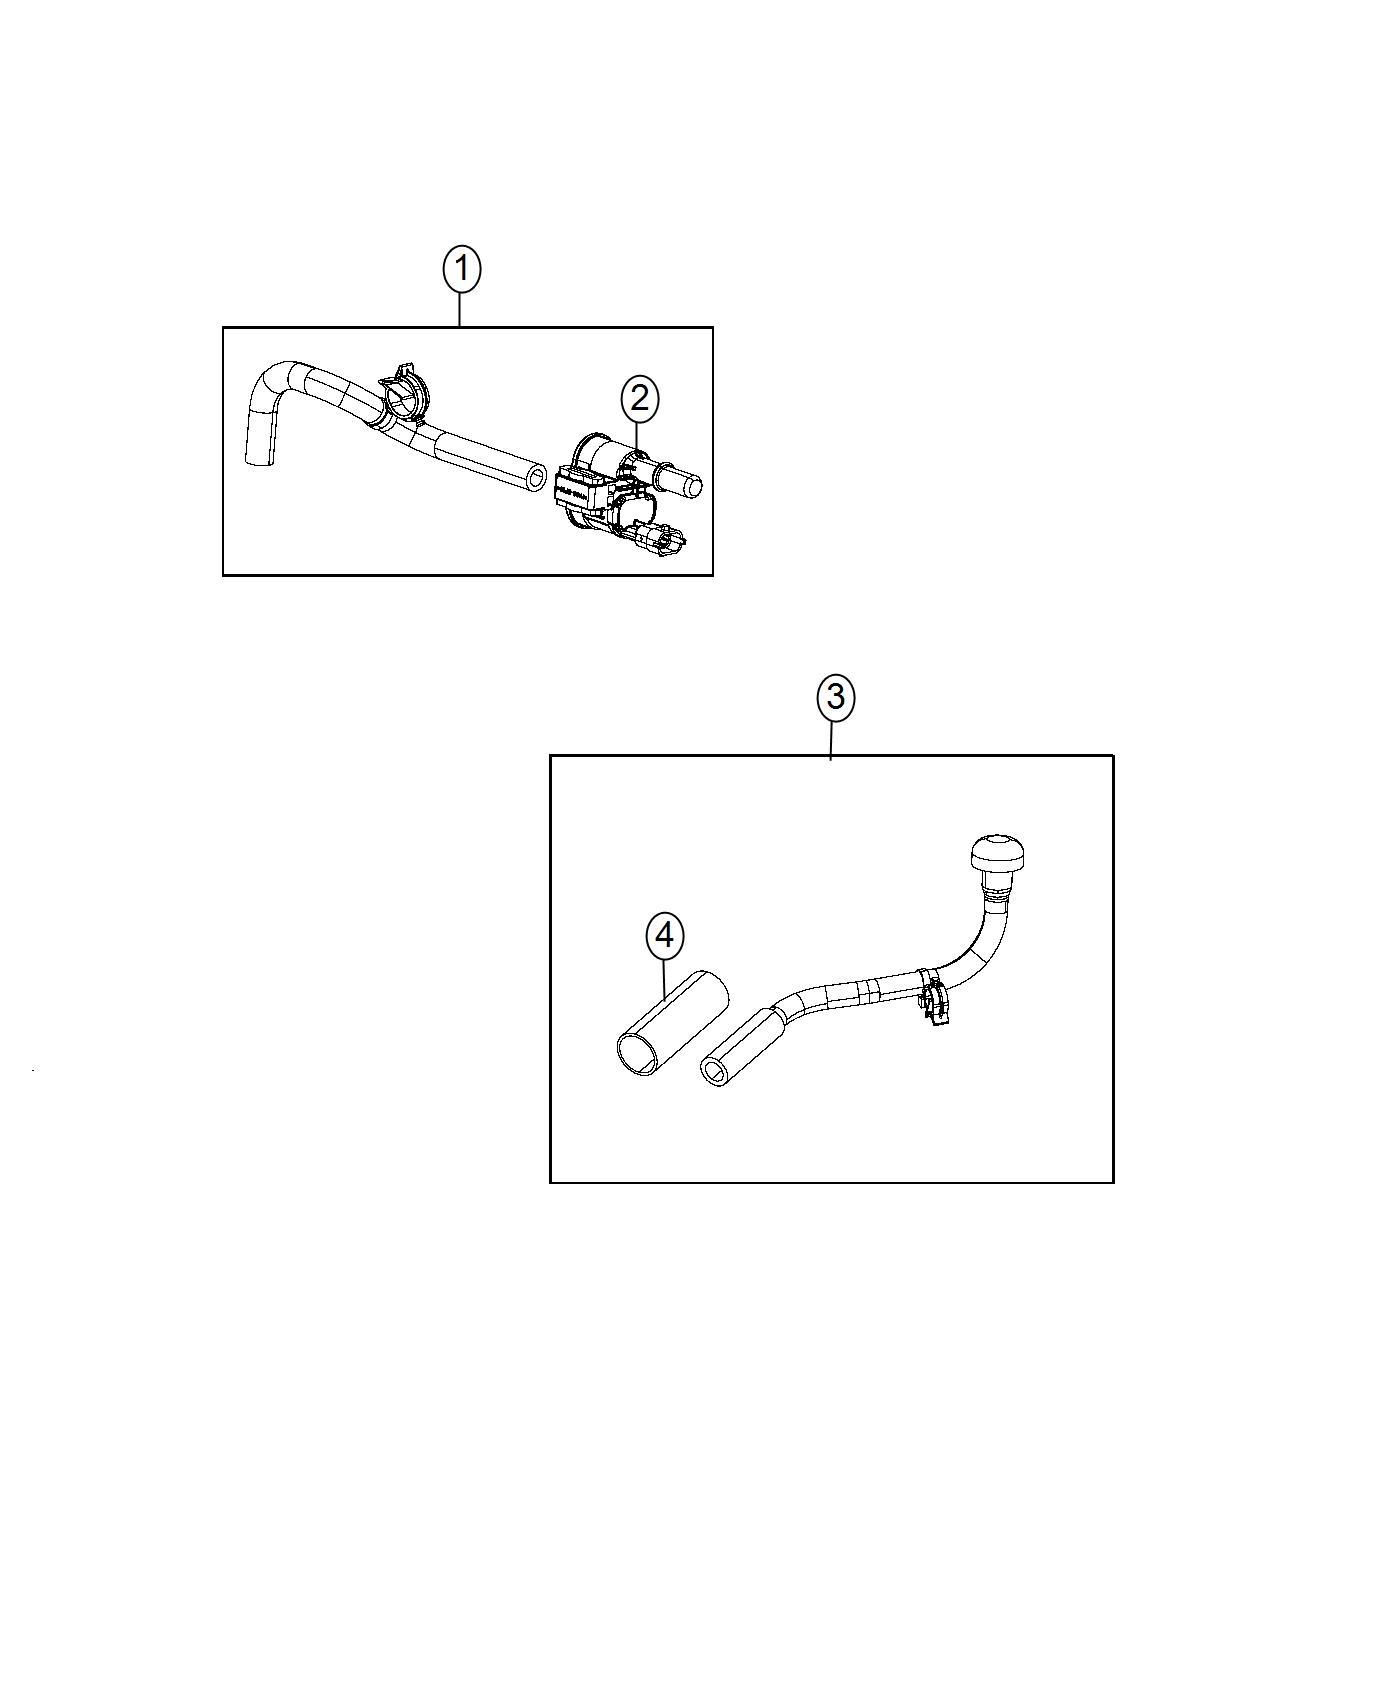 Ram Sleeve Fuel Bundle 6 Spd Auto Aisin As66rc Hd